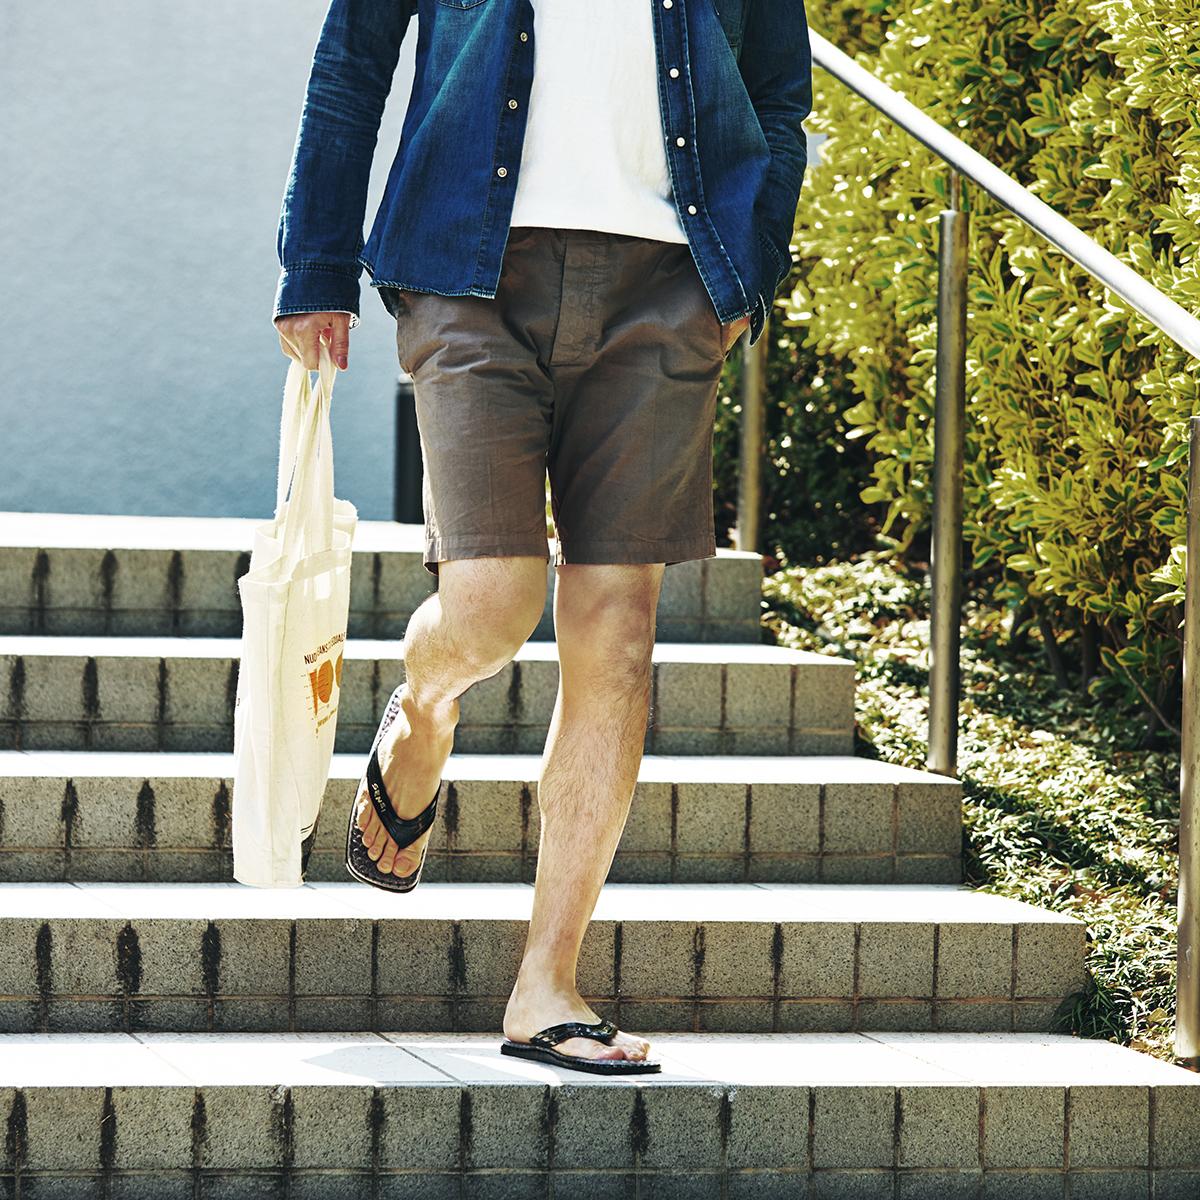 洗練されたお洒落なデザインだから気持ちよく歩きながら、家事や買い物ができる。半球状の突起が、心地よく足裏マッサージしてくれる「健康サンダル」|SENSI